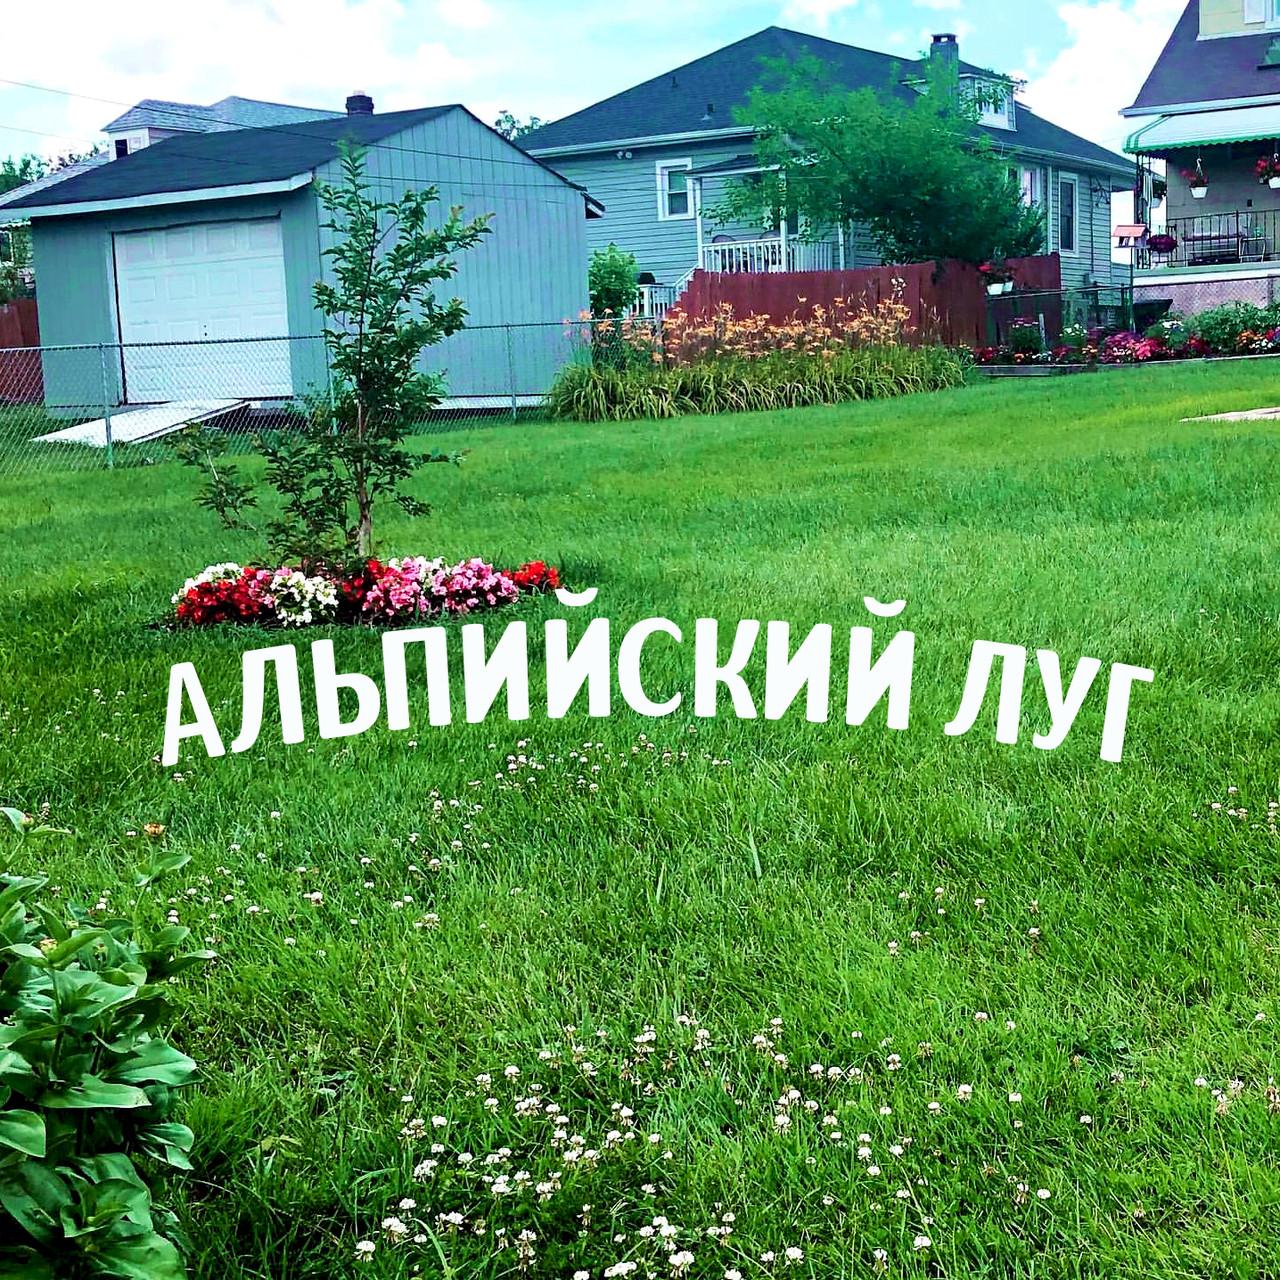 """Альпійська галявина - Газон БЕЗ ПРОБЛЕМ трава газонна """"для ледачих"""" з квітами квітучий газон прикраси для саду"""